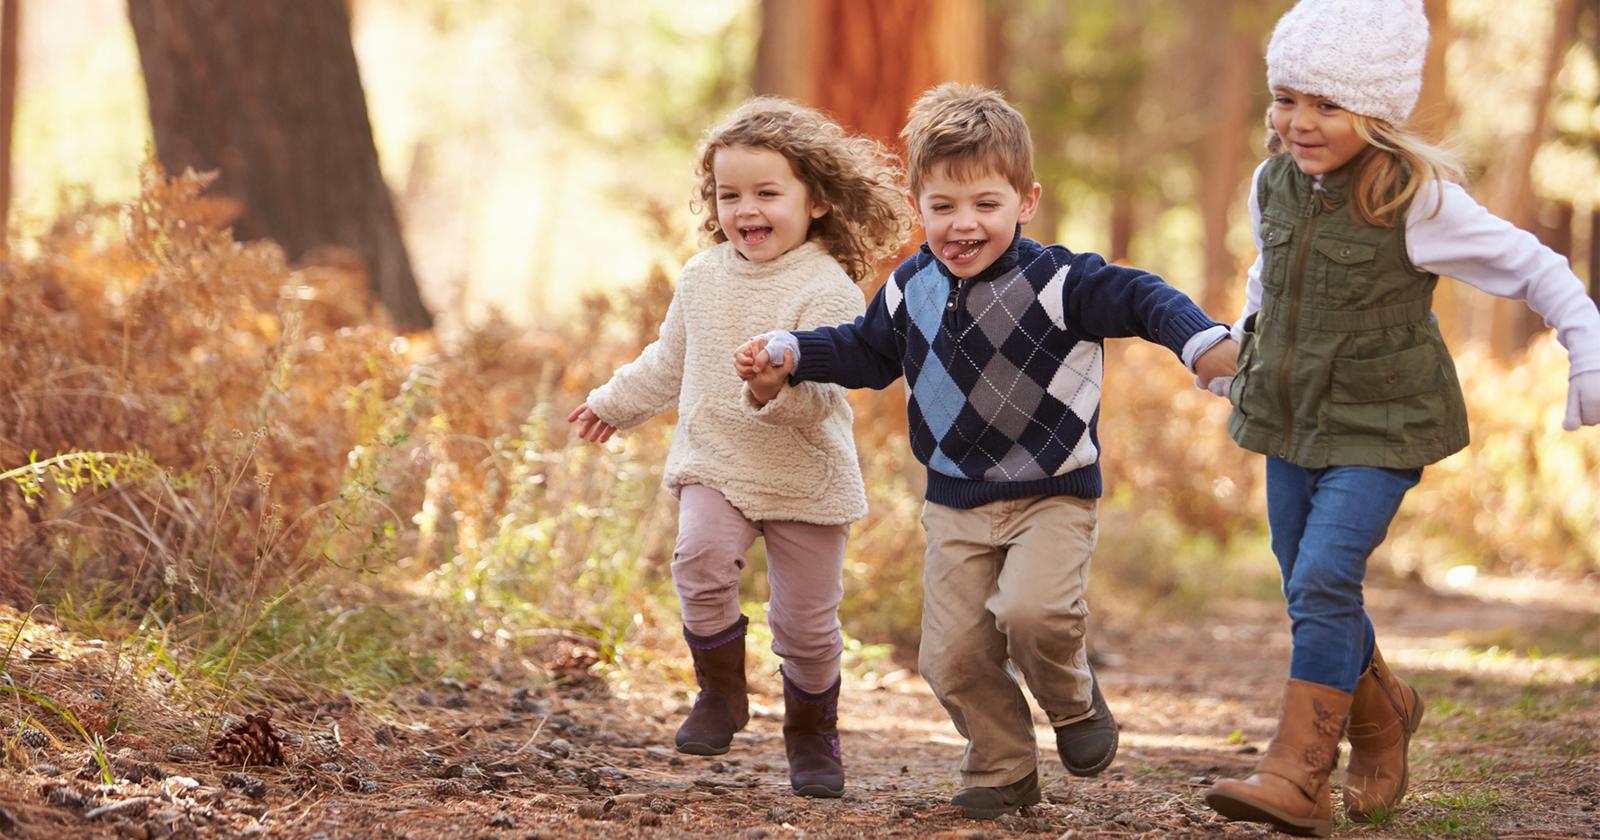 Kinder spielen draußen, denn Bewegung ist eine gute Behandlungsmethode gegen Rückenschmerzen bei Kindern